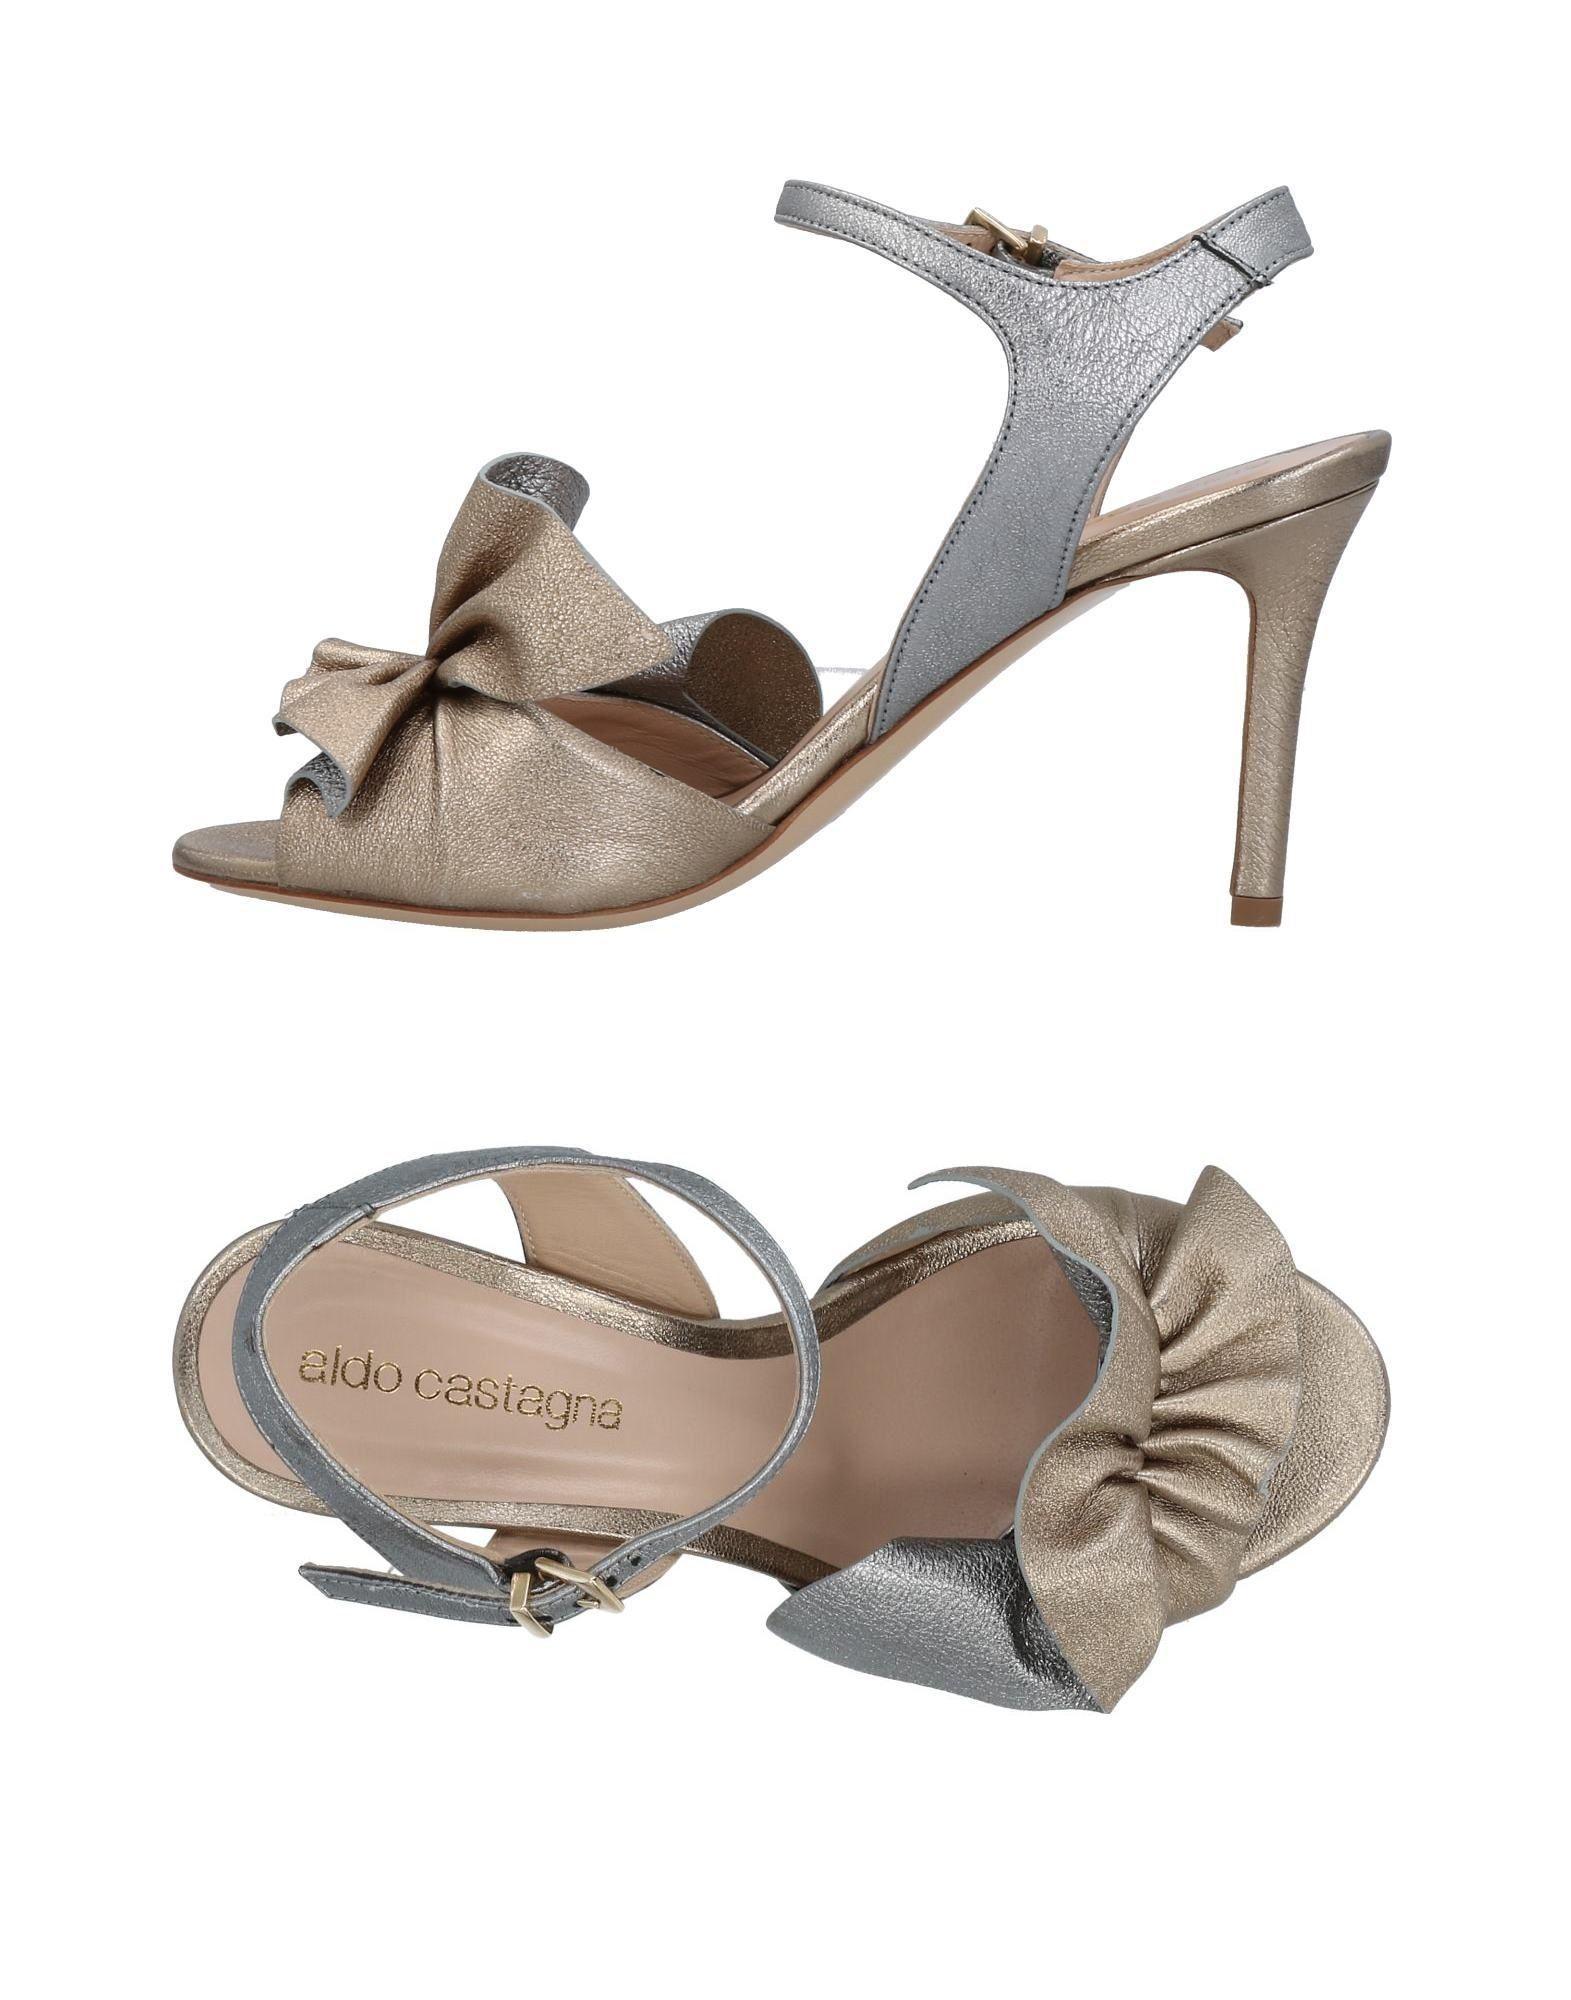 Aldo Castagna Sandals In Platinum